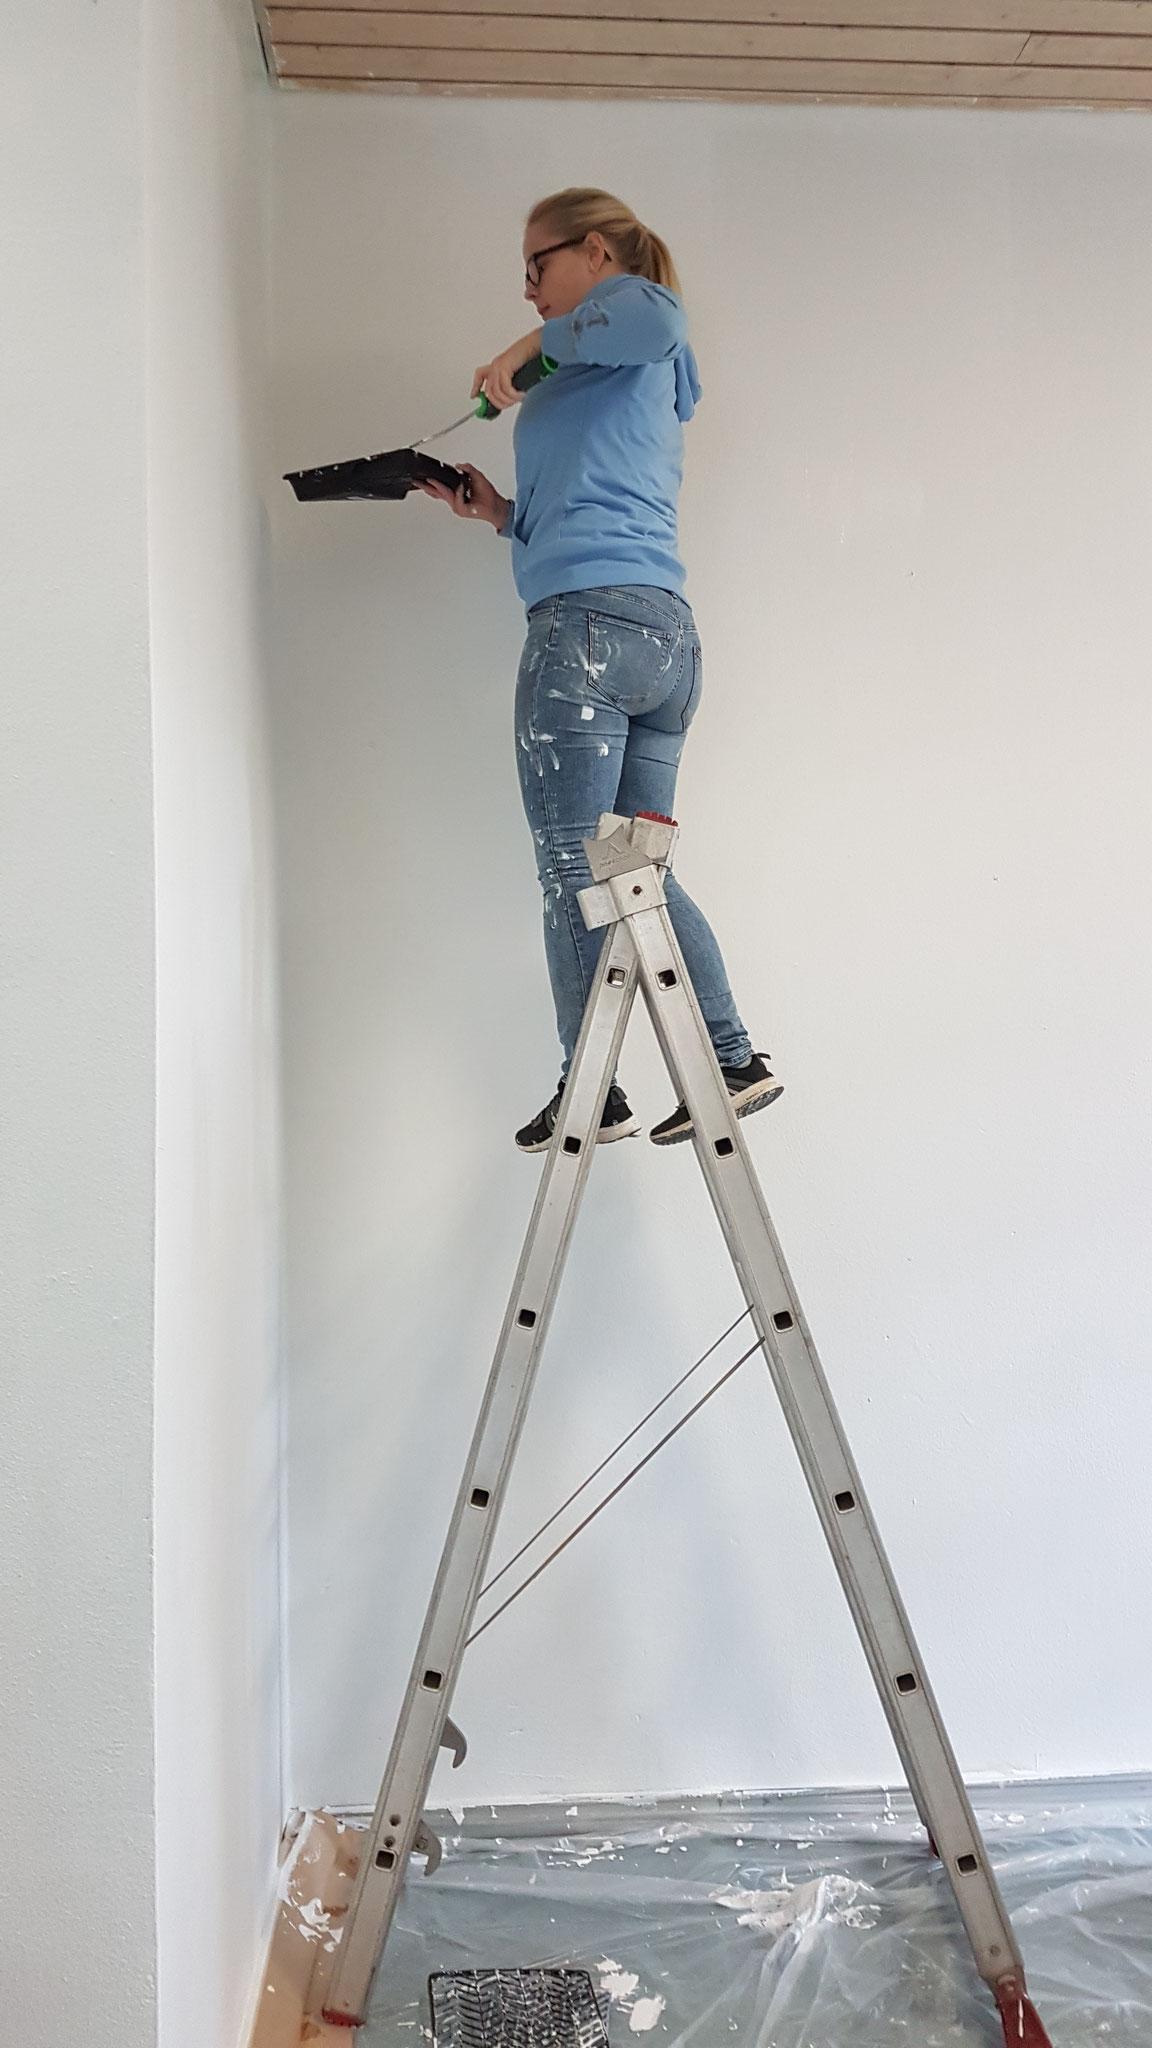 Dann ging es los - sowohl die Leiter,...